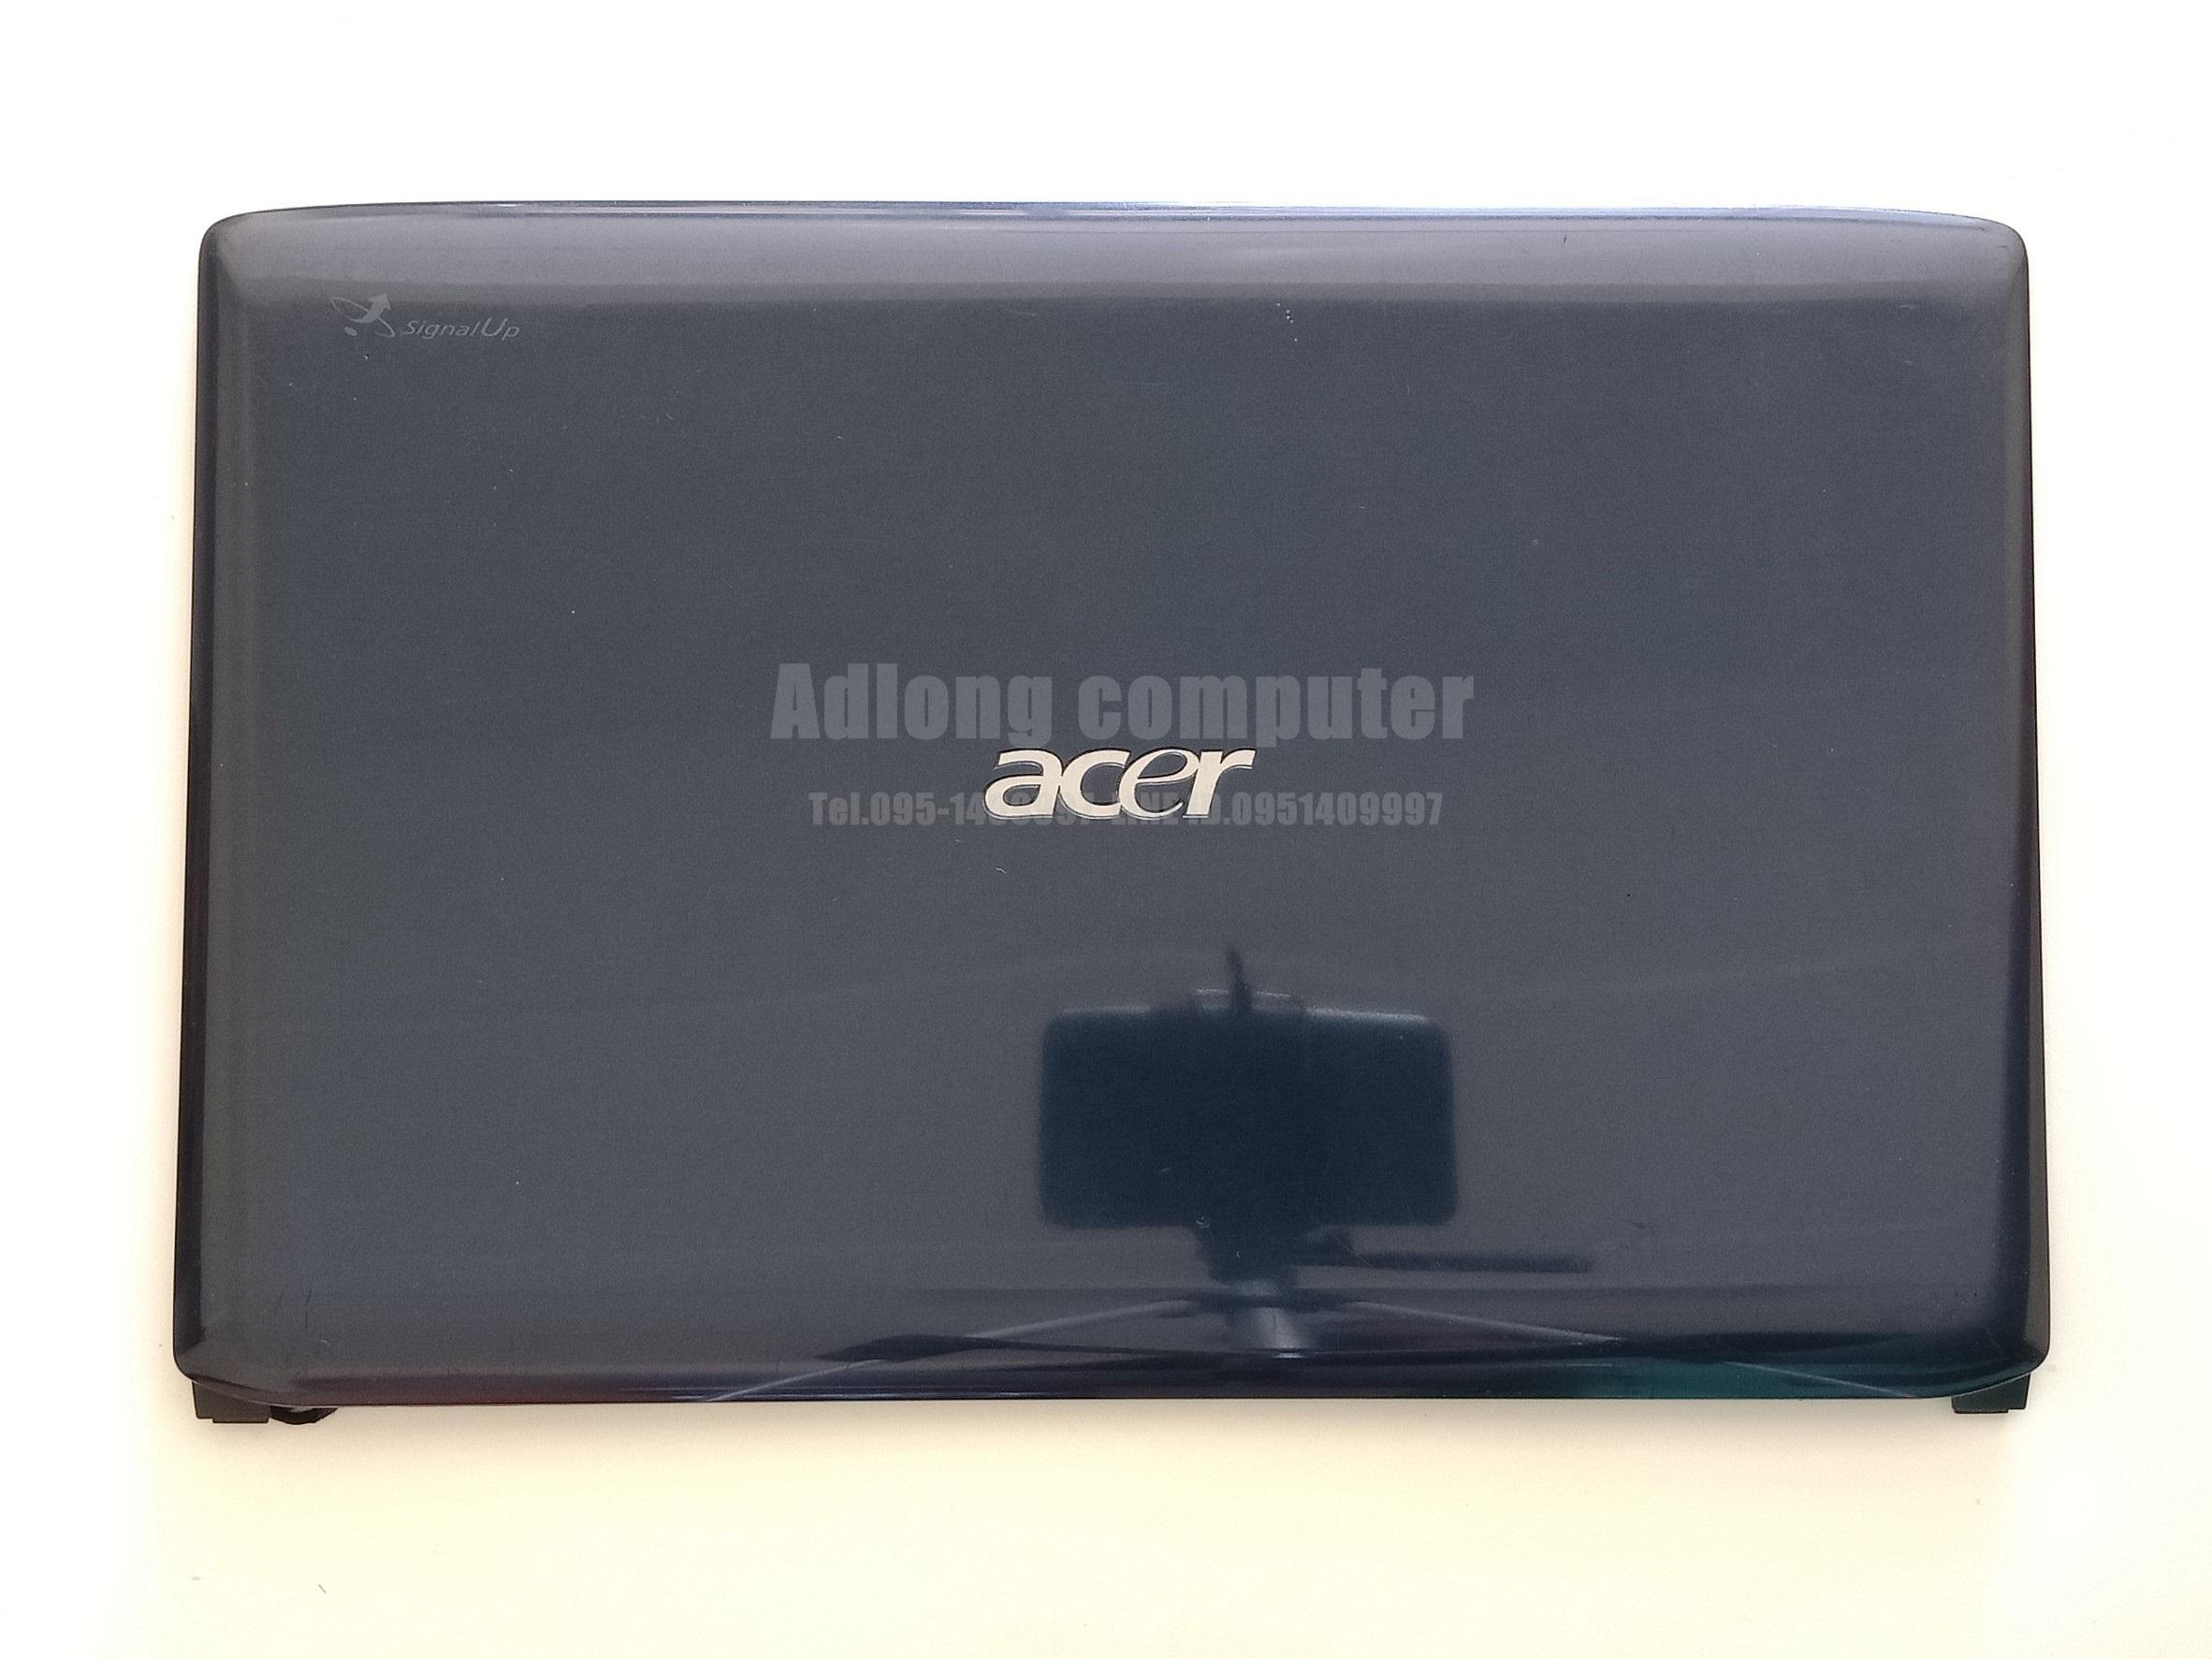 บอดี้ฝาหลังโน๊ตบุ๊ค Acer aspire 4535,4540